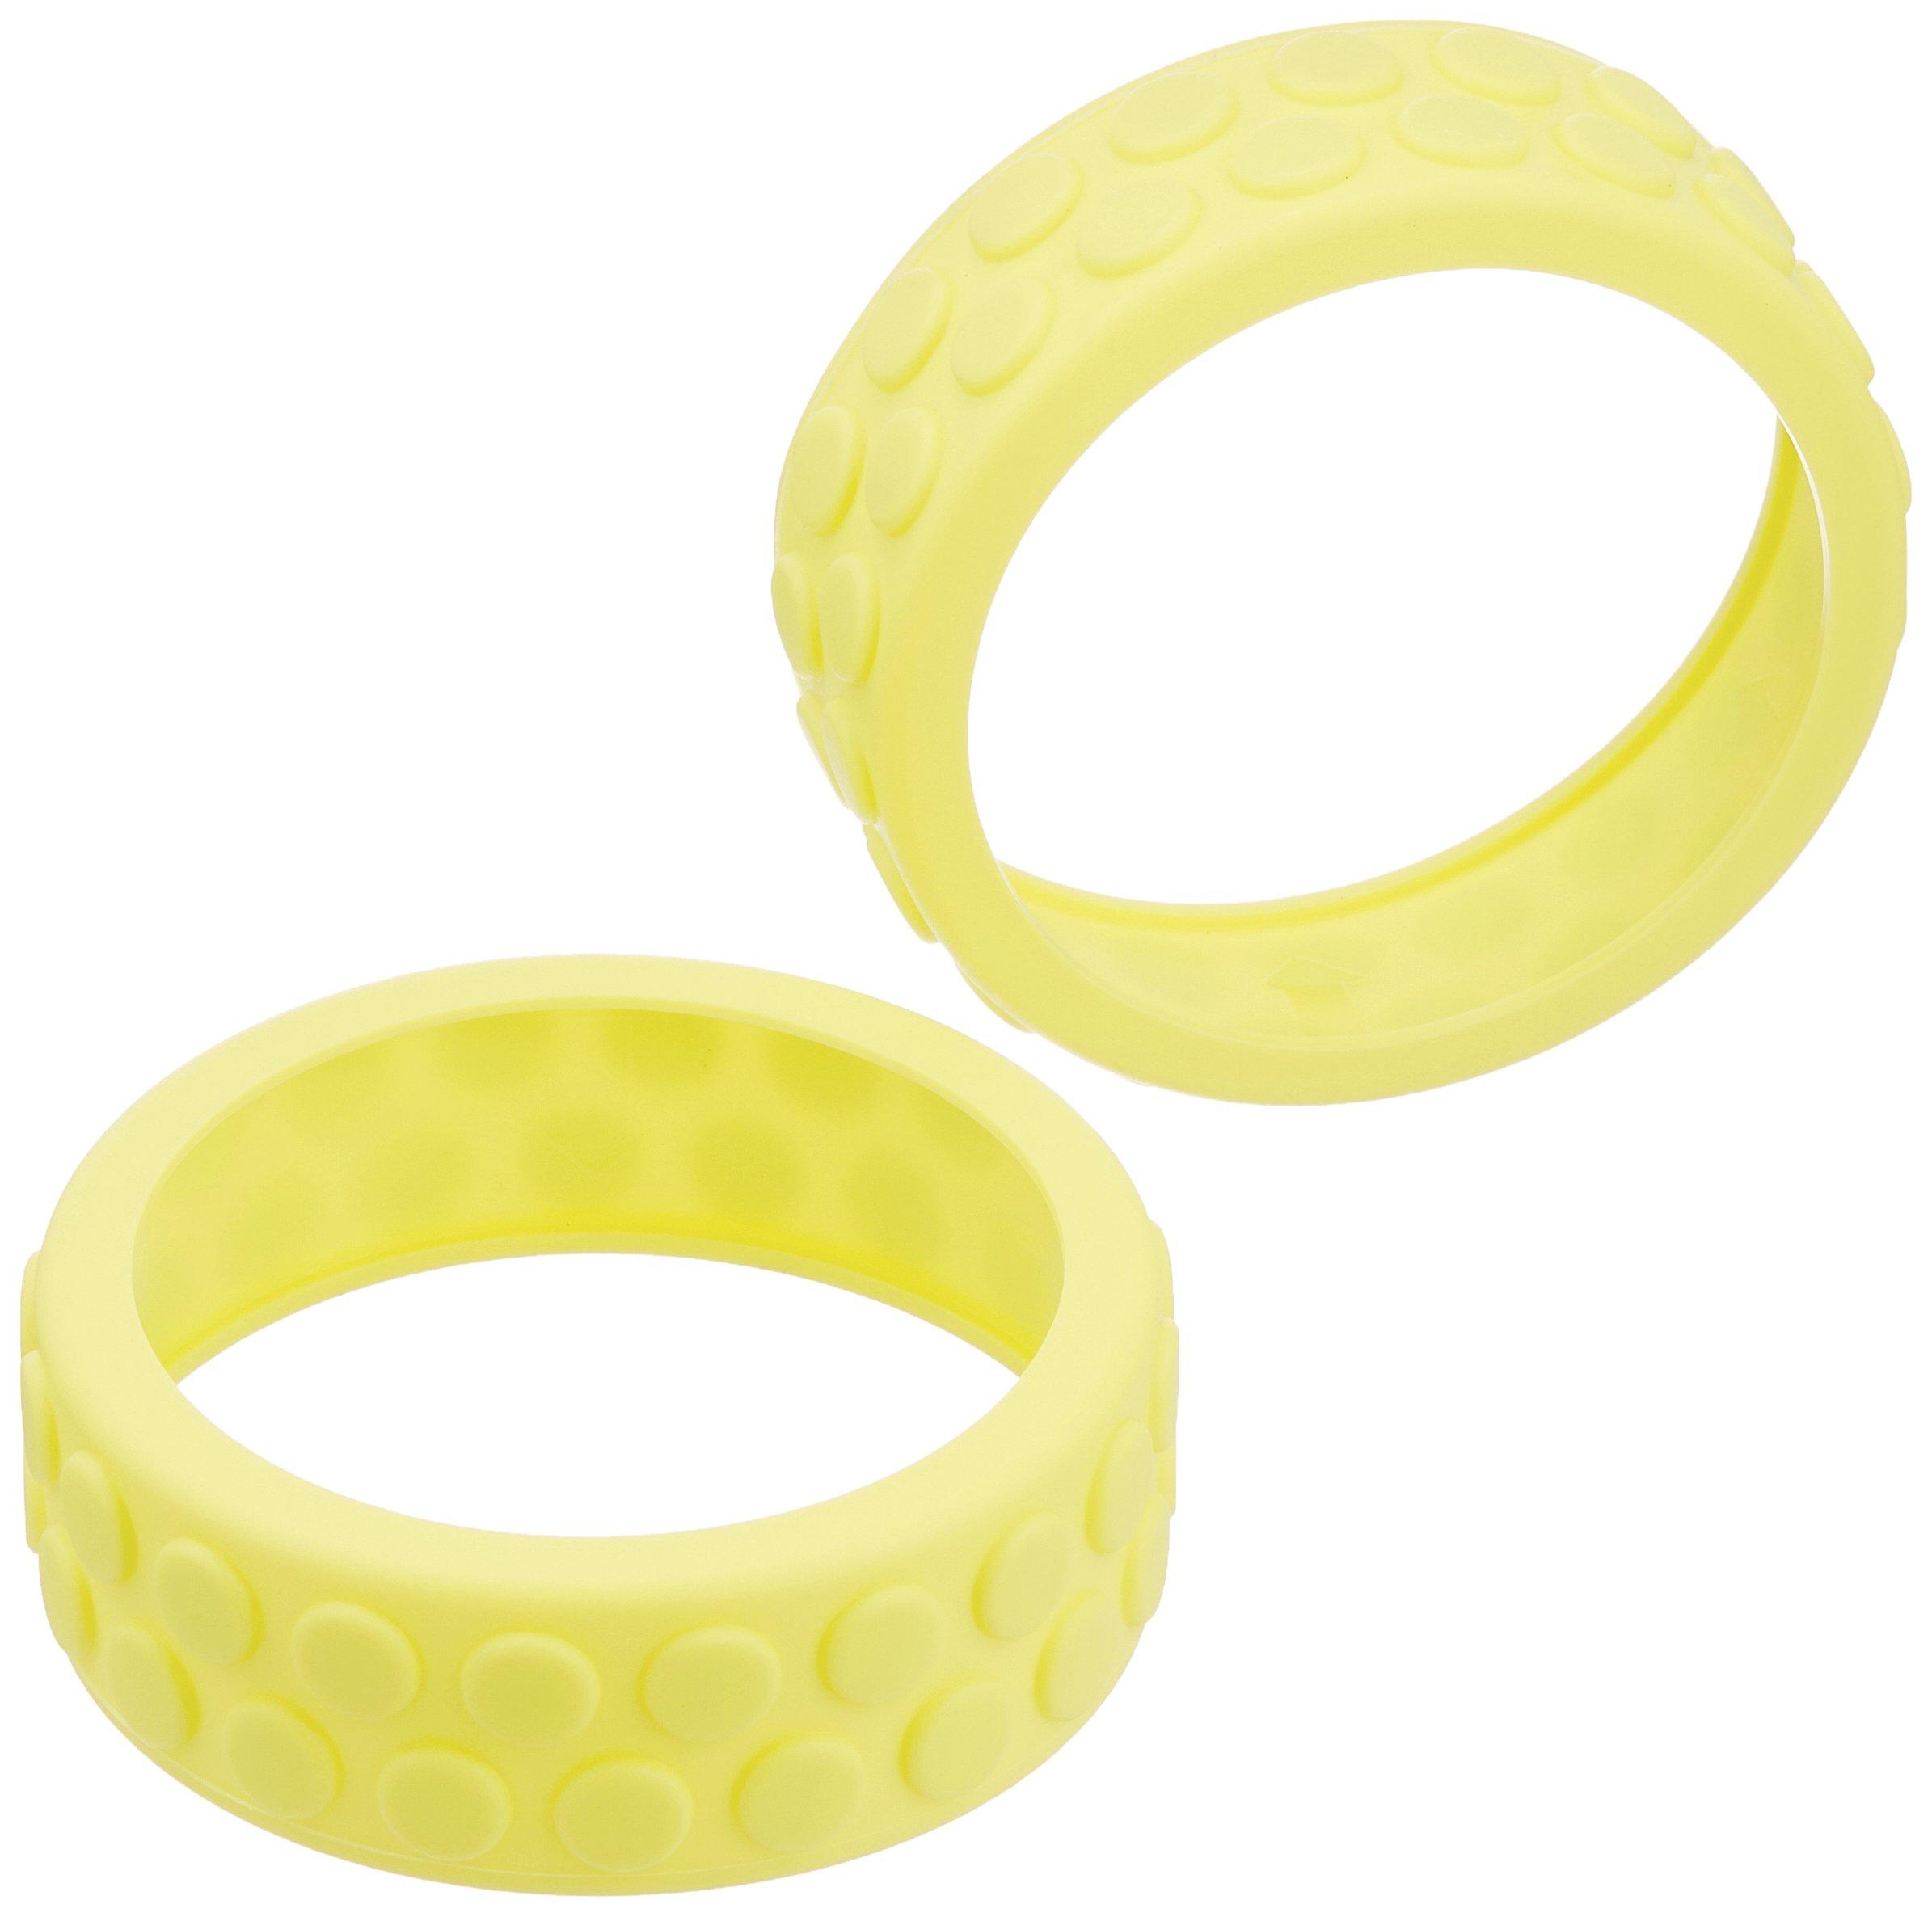 Sphero ANT01CY1 Ollie Nubby Tyre, Cyber Yellow by Sphero (Image #1)